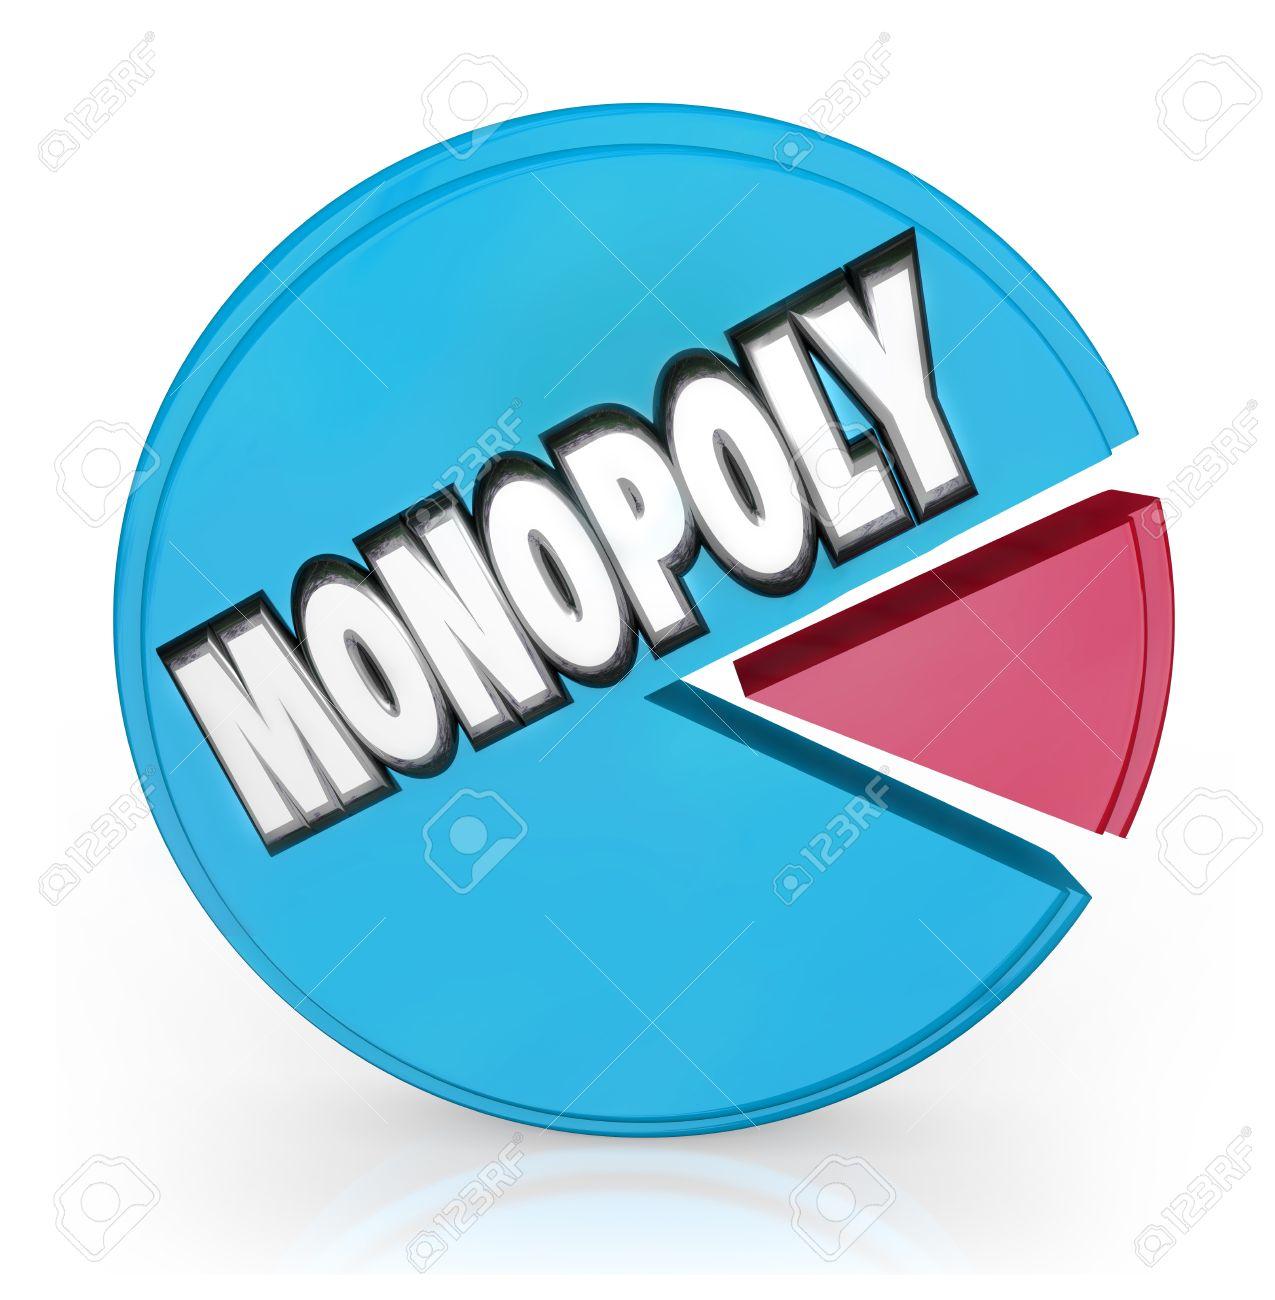 Monopoly Market Clipart.